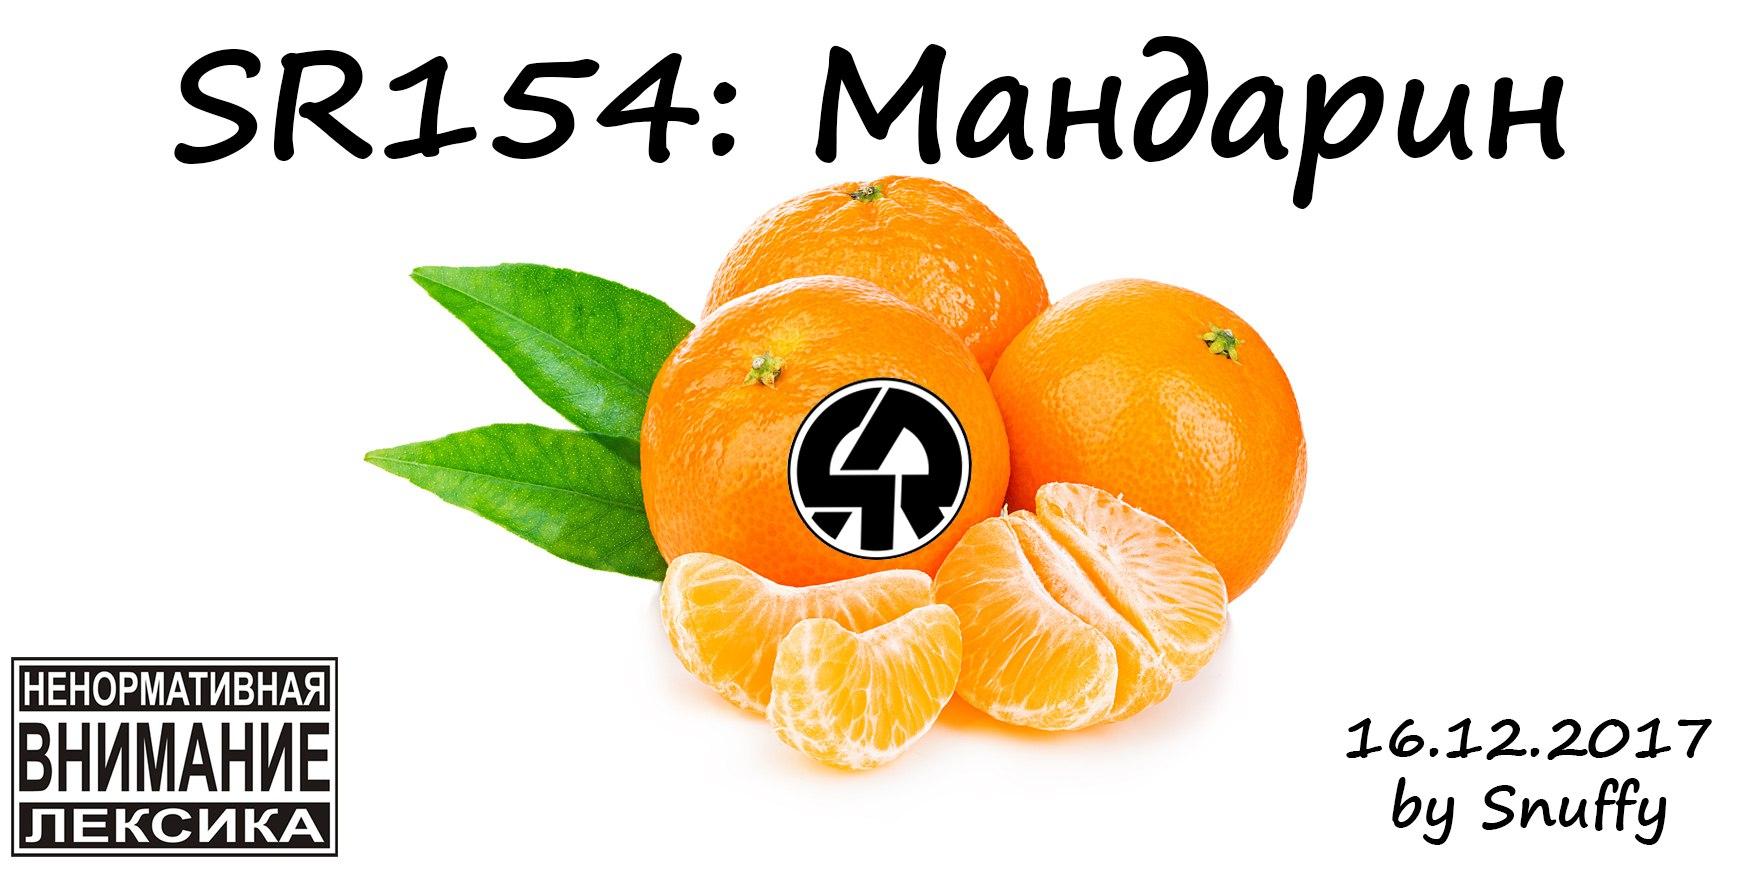 SR154: Мандарин